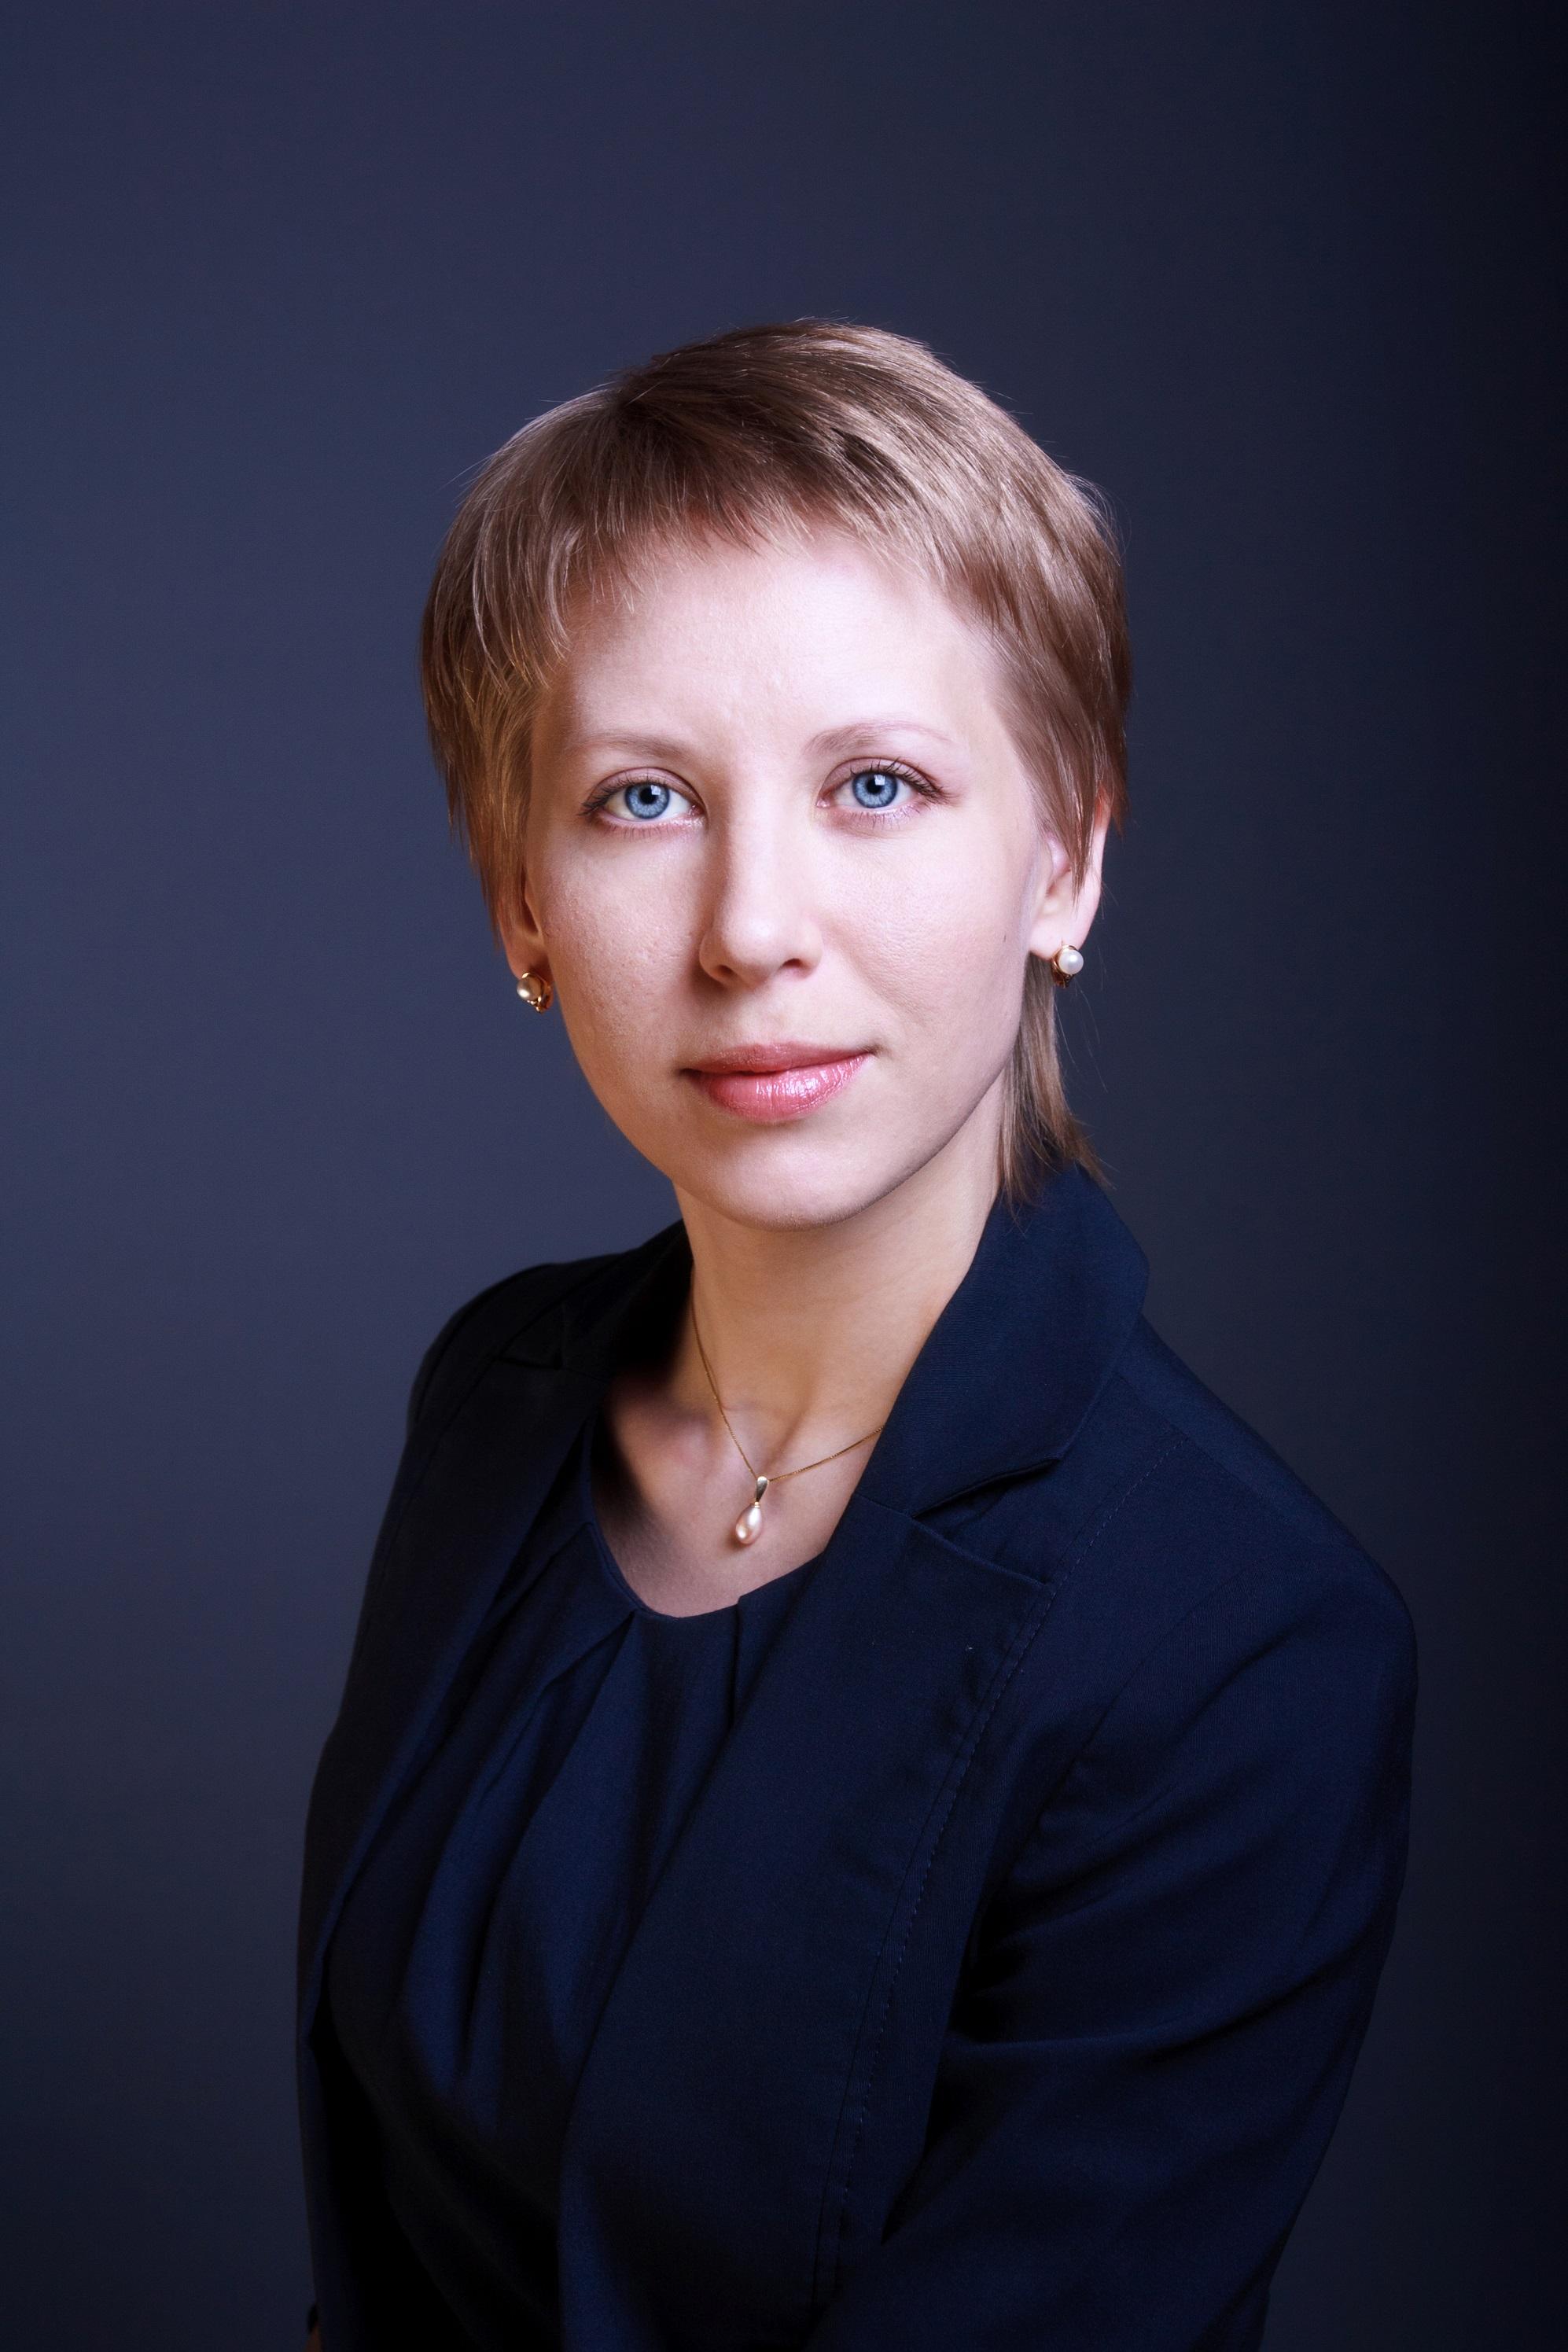 Евгения Герасимец